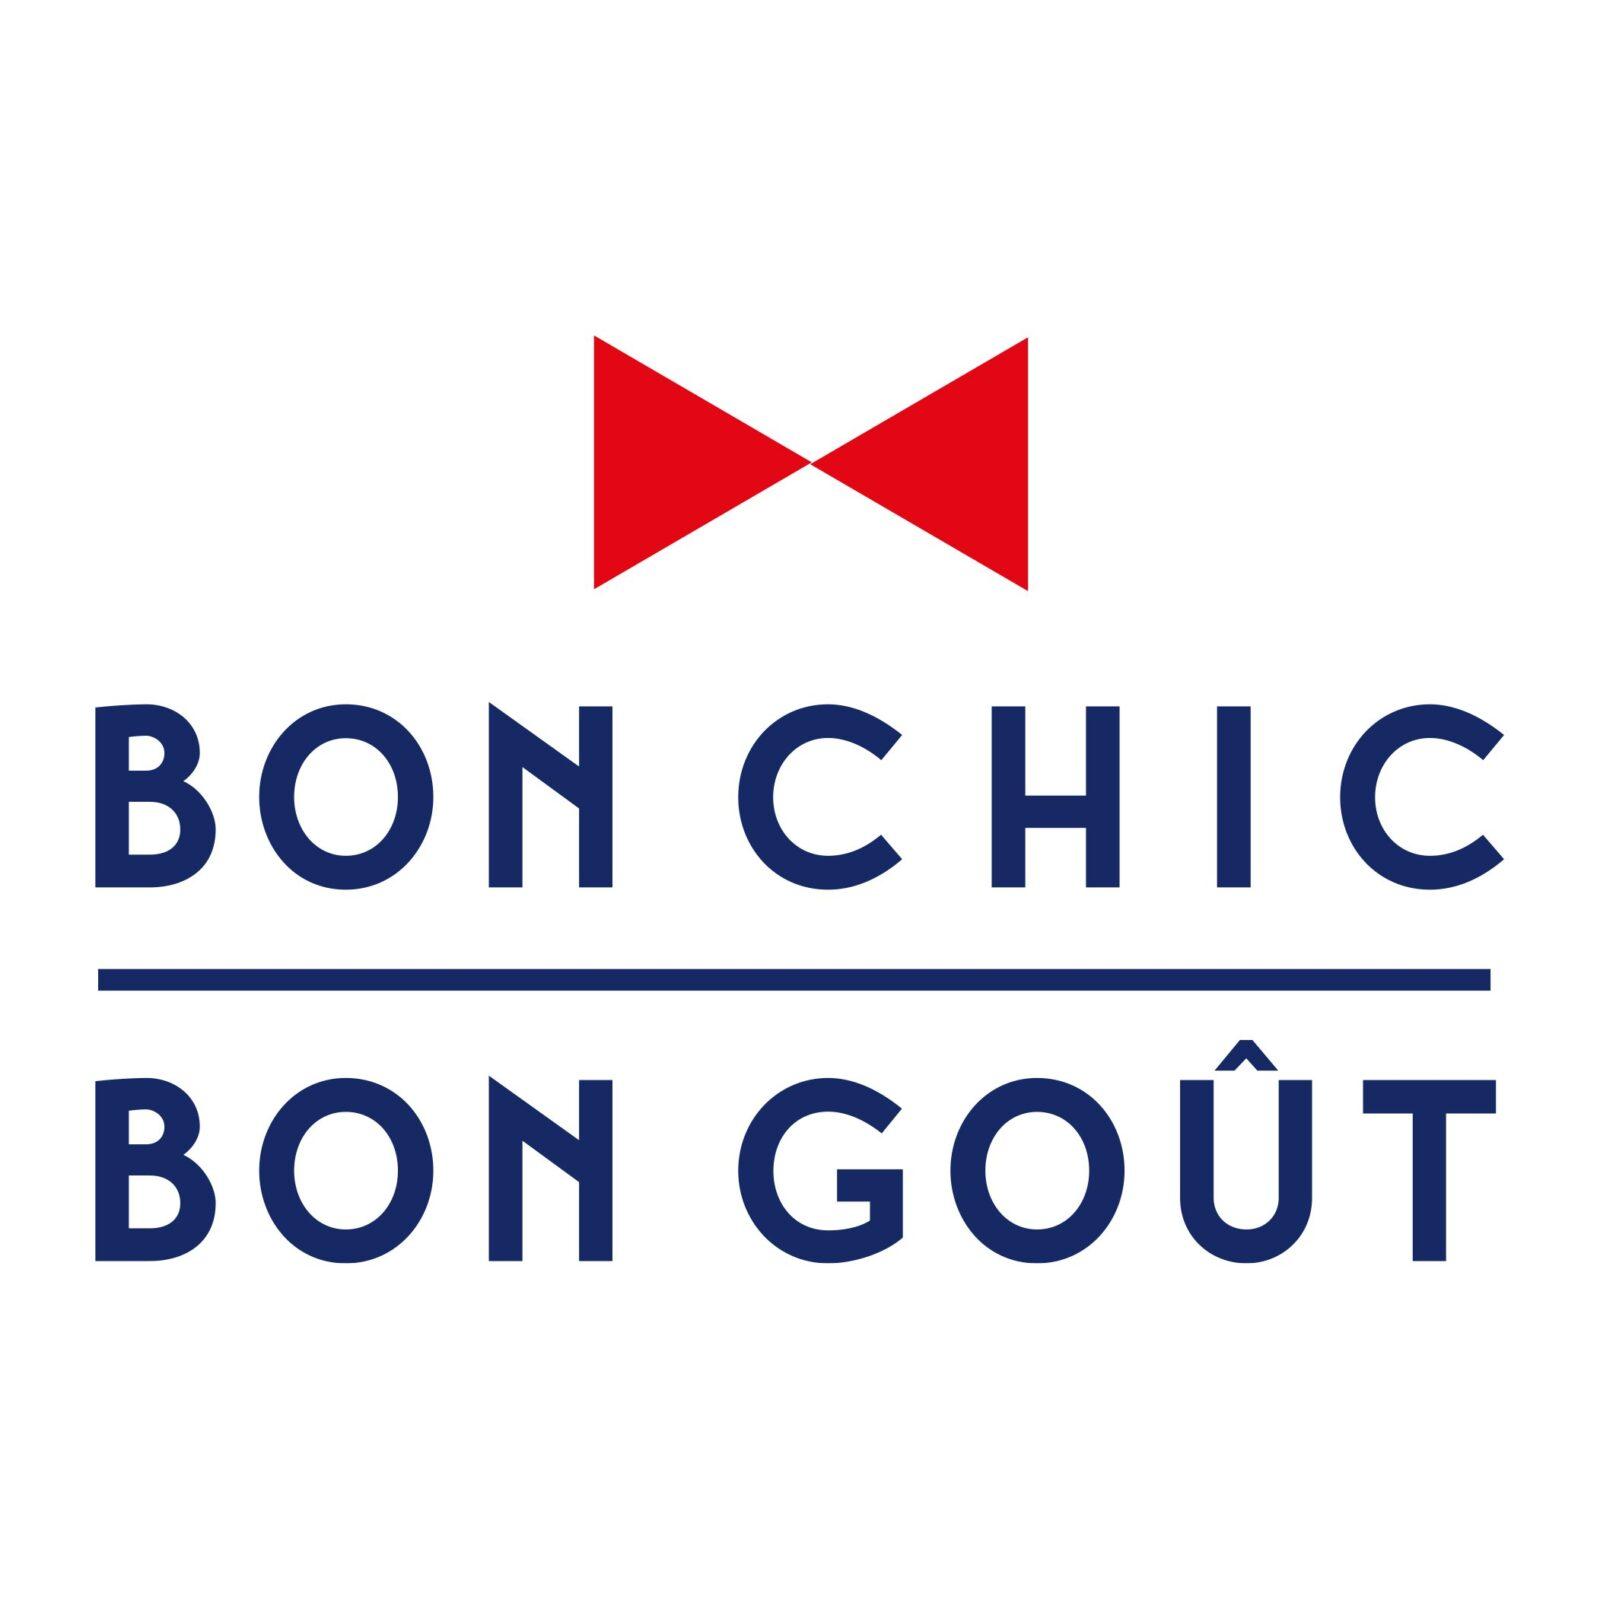 bon-chic-bon-gout-logo-48808 (1)